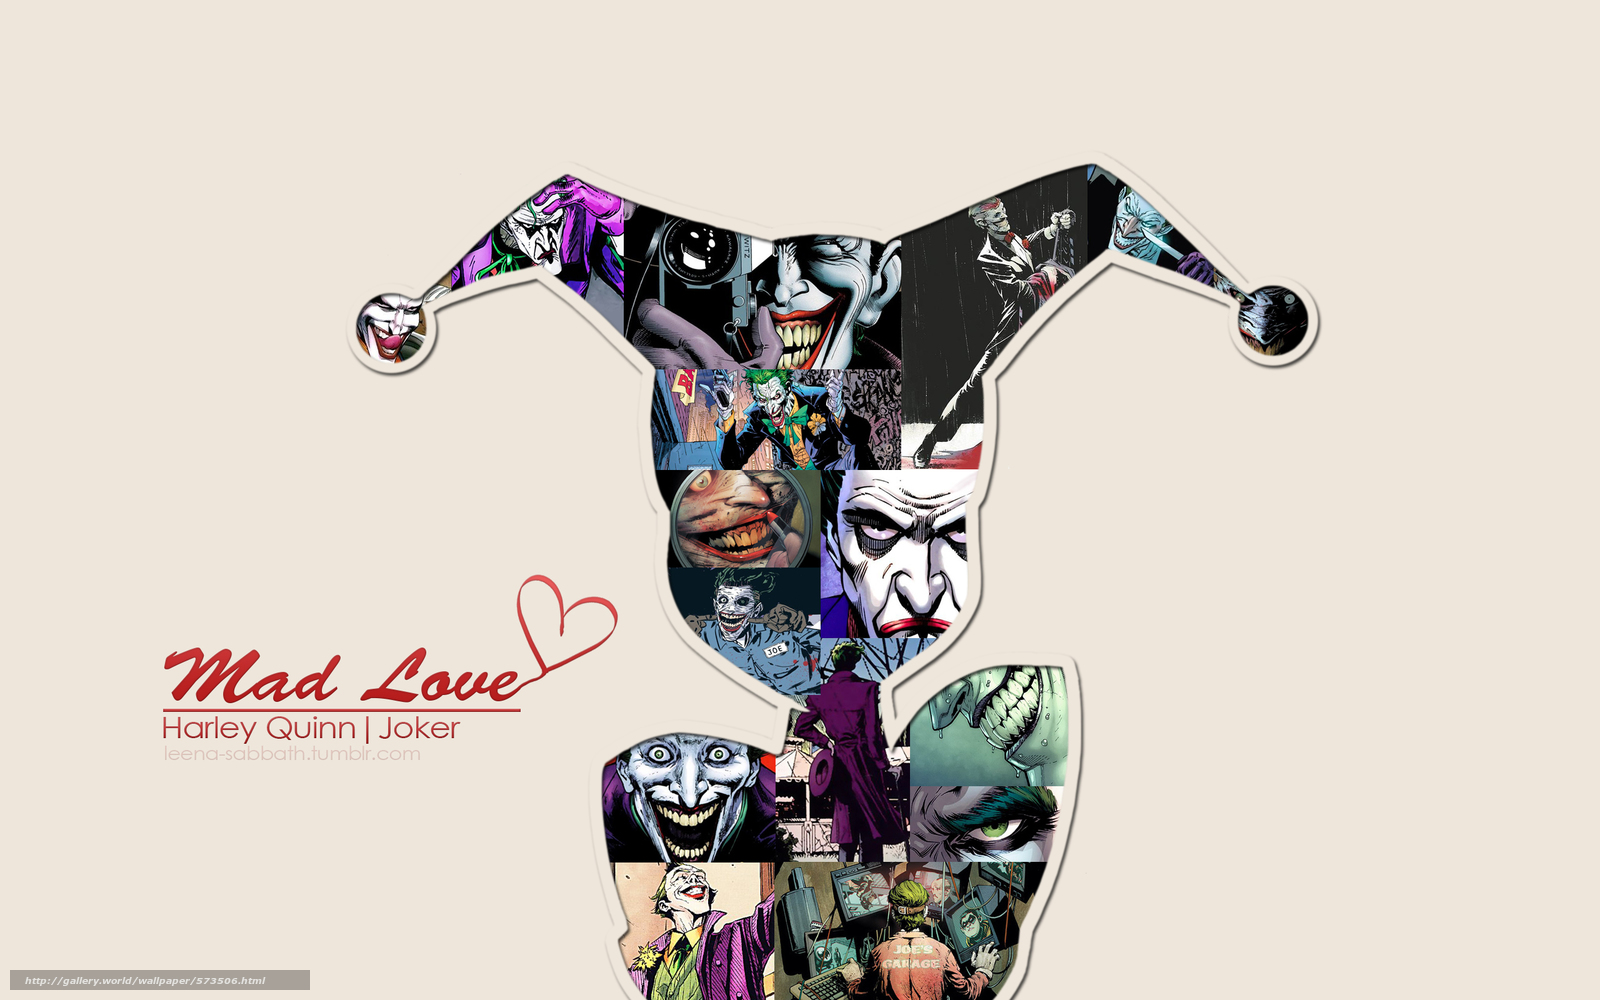 Download Hintergrund Joker,  Harley Quinn Freie desktop Tapeten in der Auflosung 2560x1600 — bild №573506